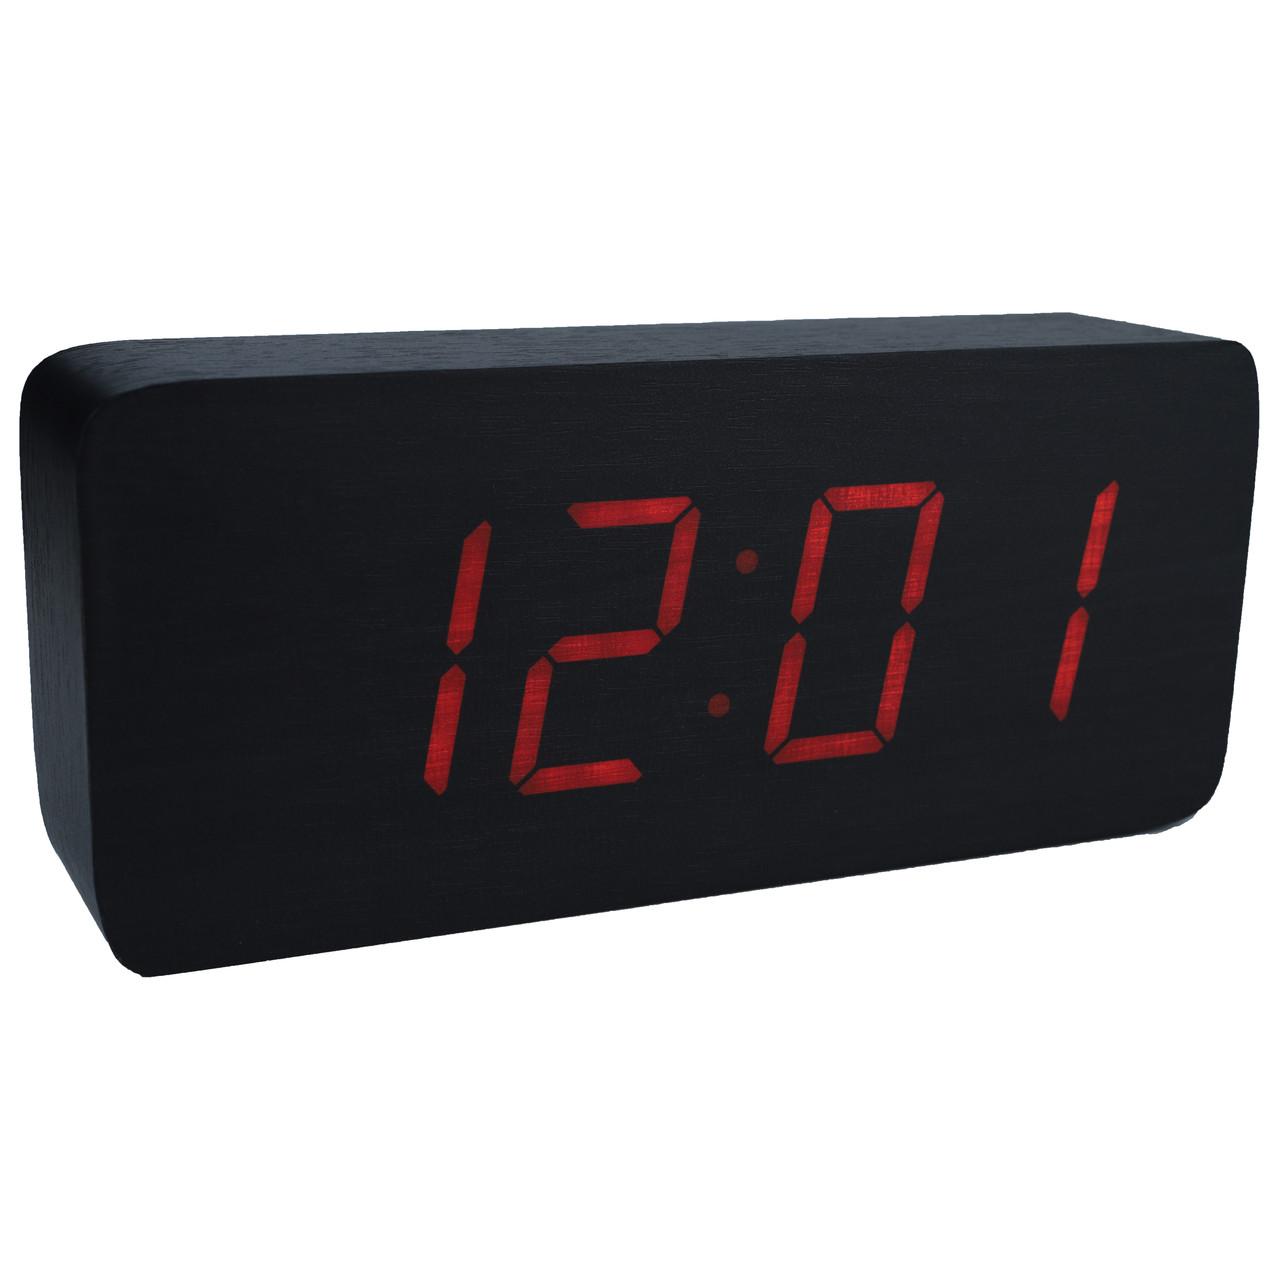 Настільні годинники Led Woden Clock (VST-865-1) Чорні з червоним підсвічуванням